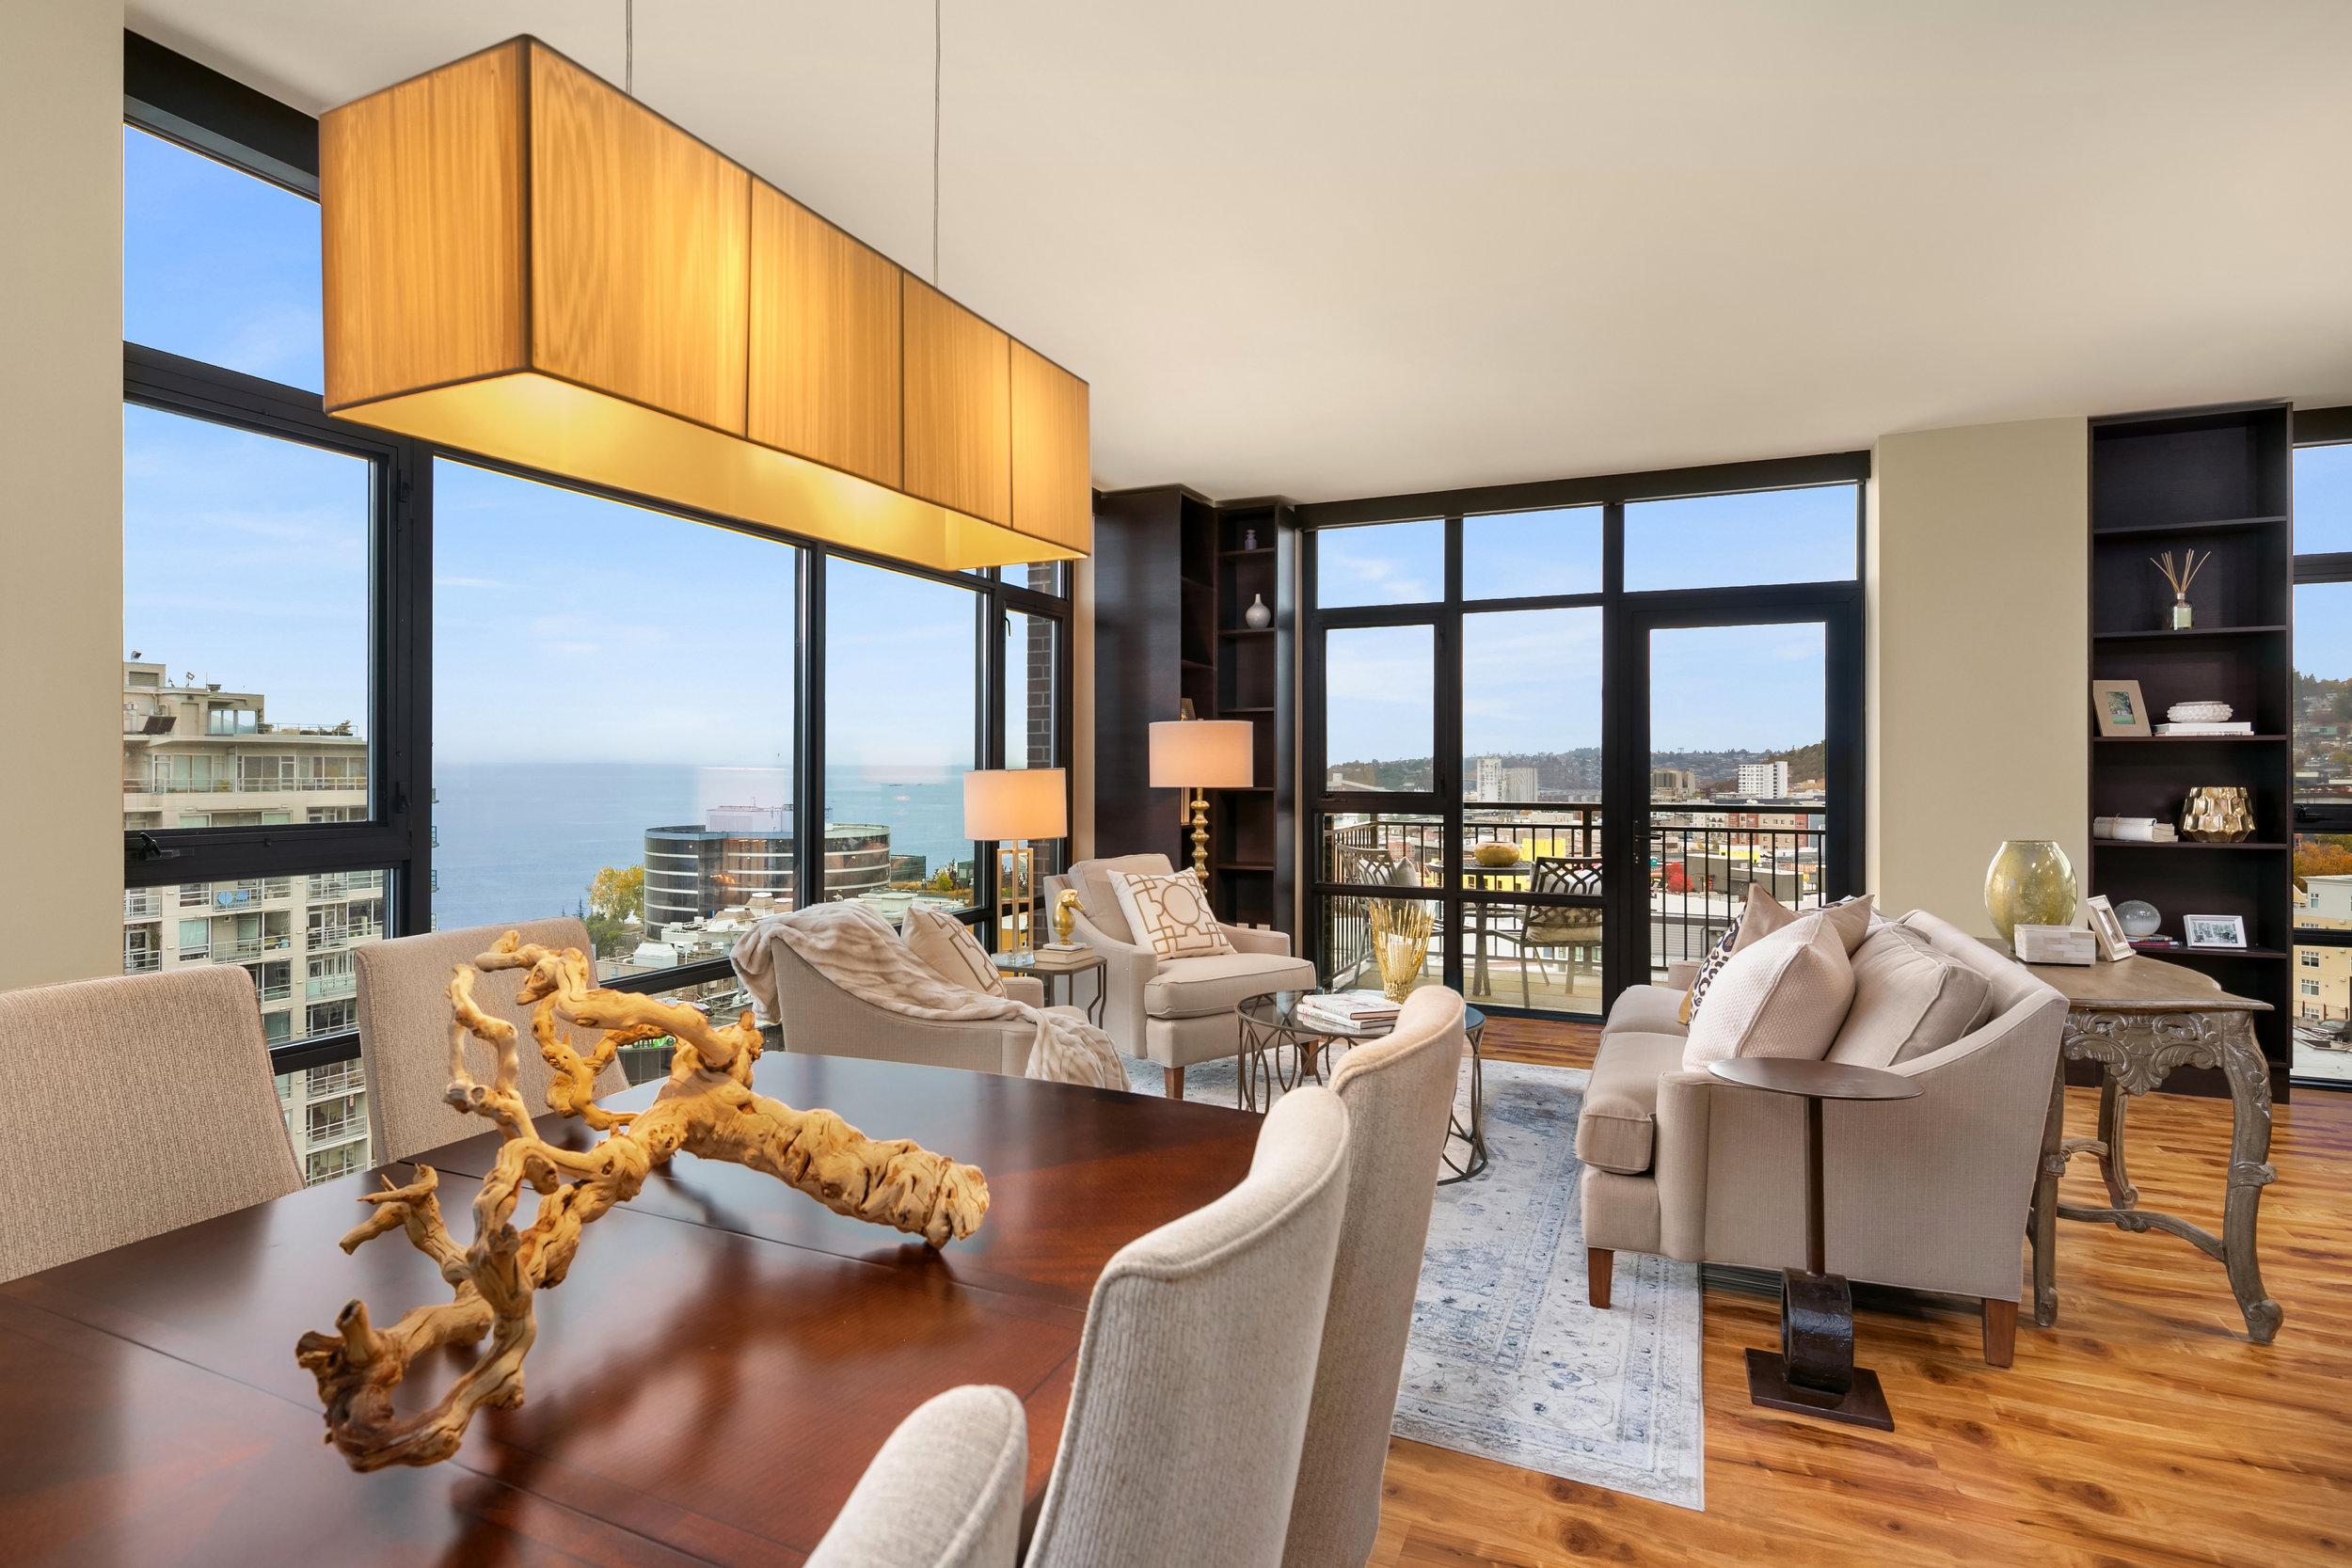 Sub-Penthouse - $1,288,000